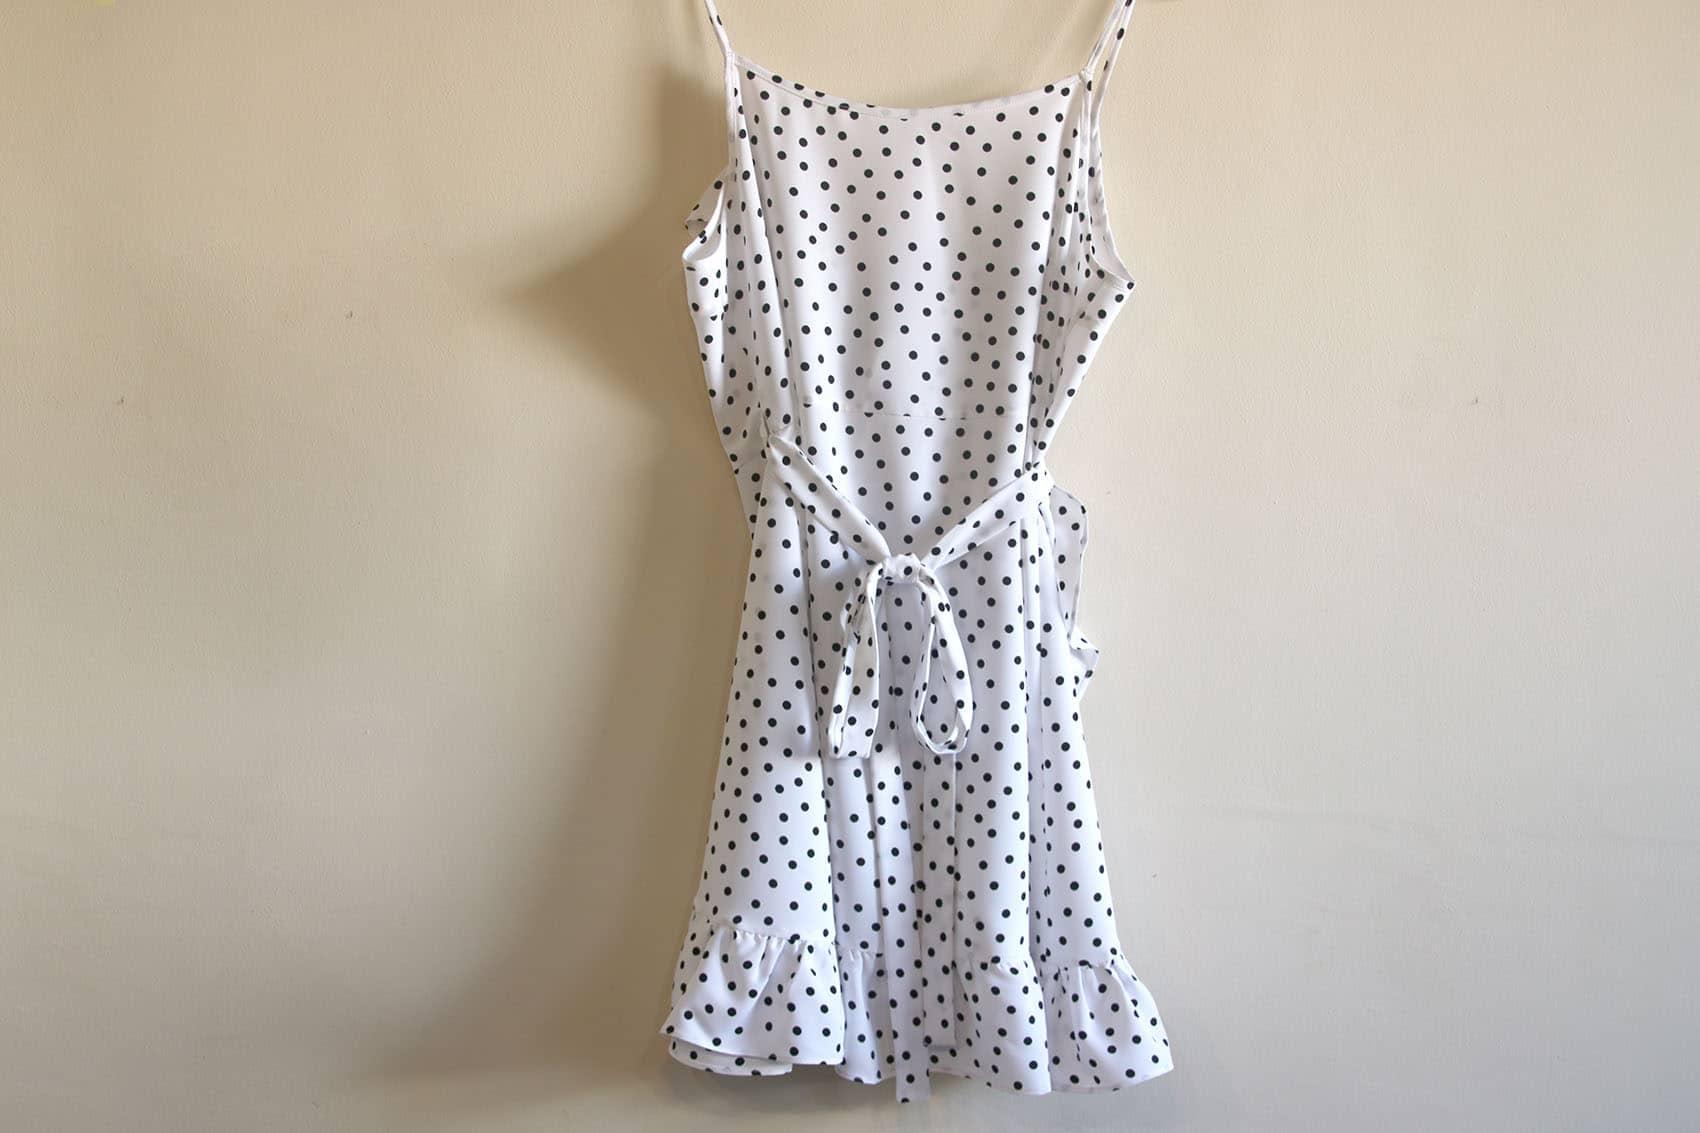 Aprender a coser: vestido cruzado mujer (patrones gratis) - Handbox ...